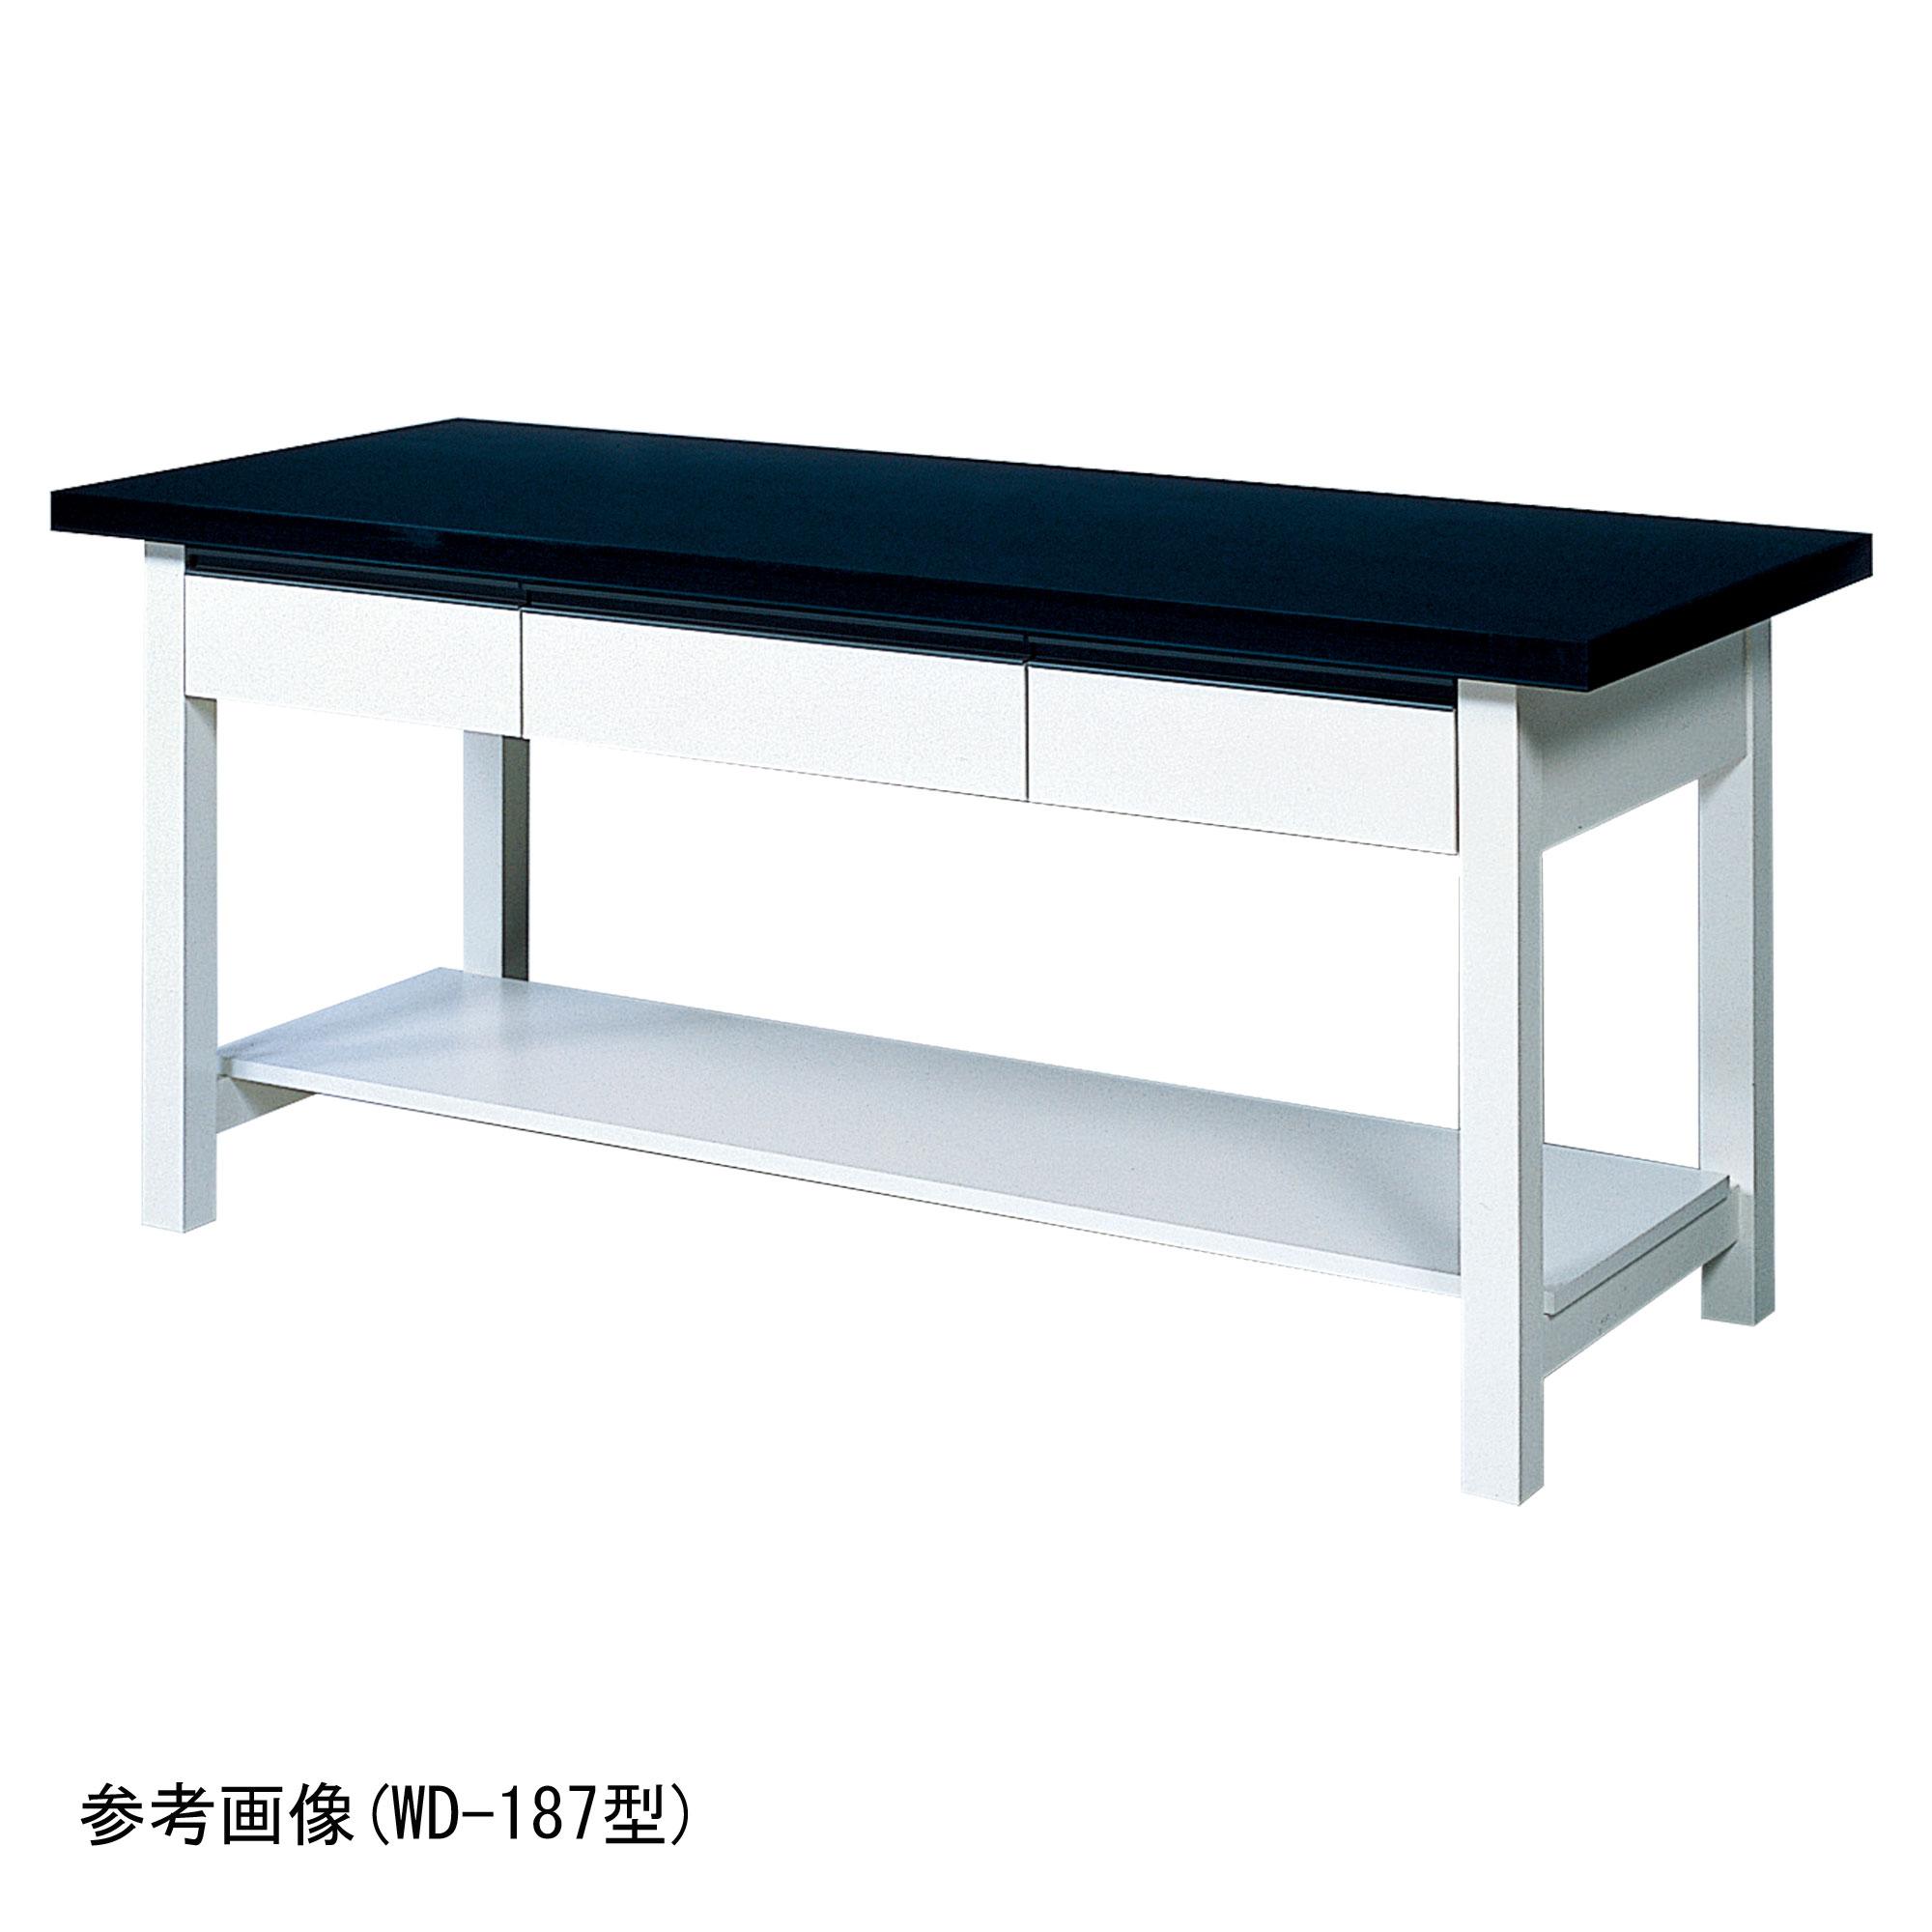 作業台(ベース:木製) WD型 WE型